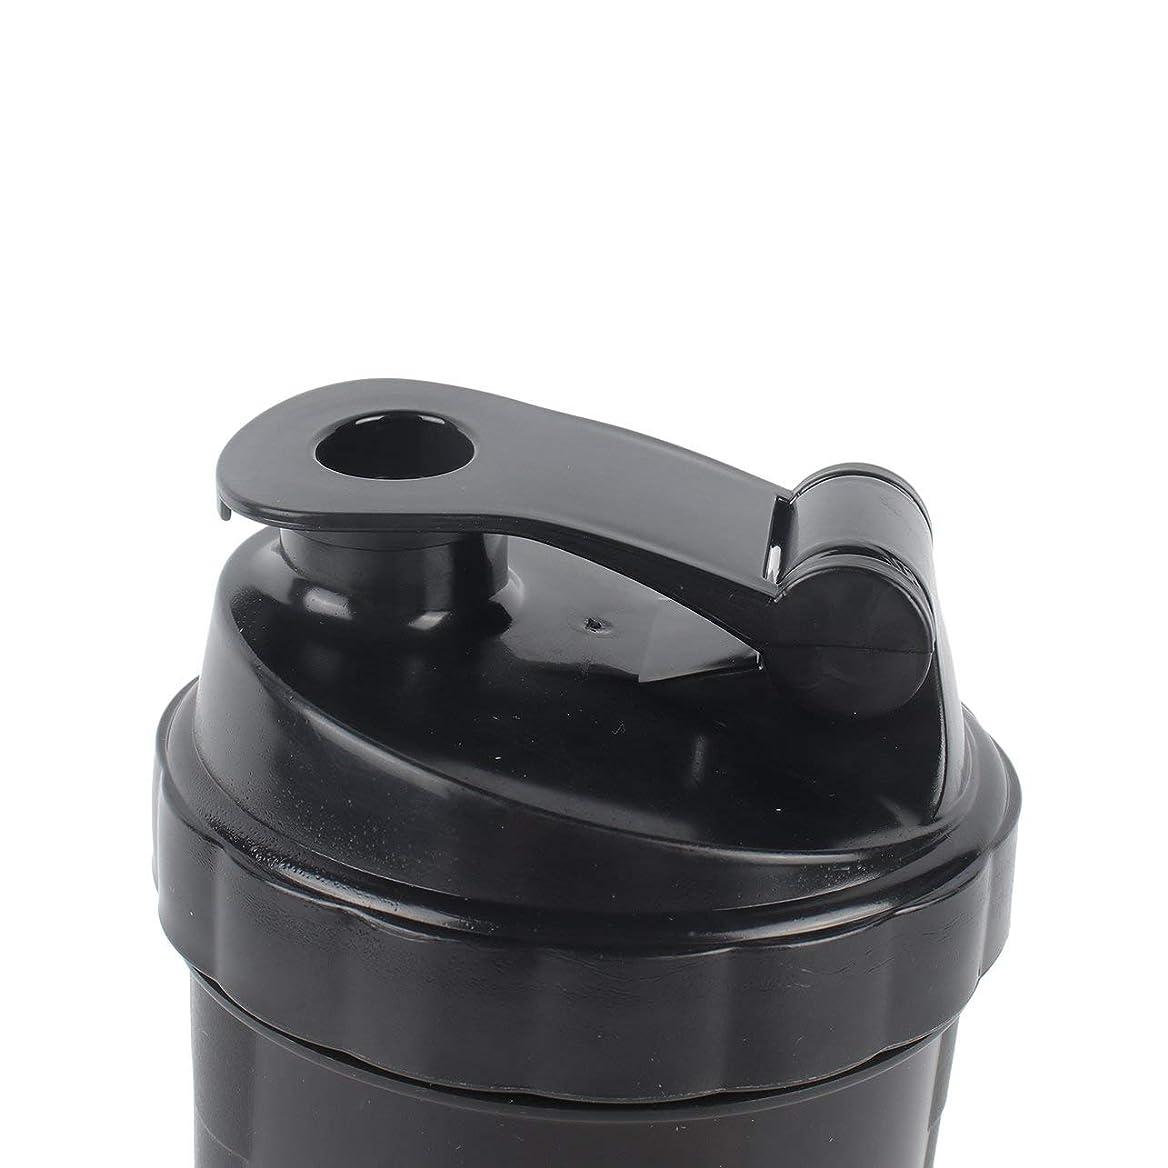 一致セマフォ腸DeeploveUU ポータブルジムプロテインシェーカーミキサーボトルポータブルスポーツランニングジョギング泡立て器ボールシェーカーボトル